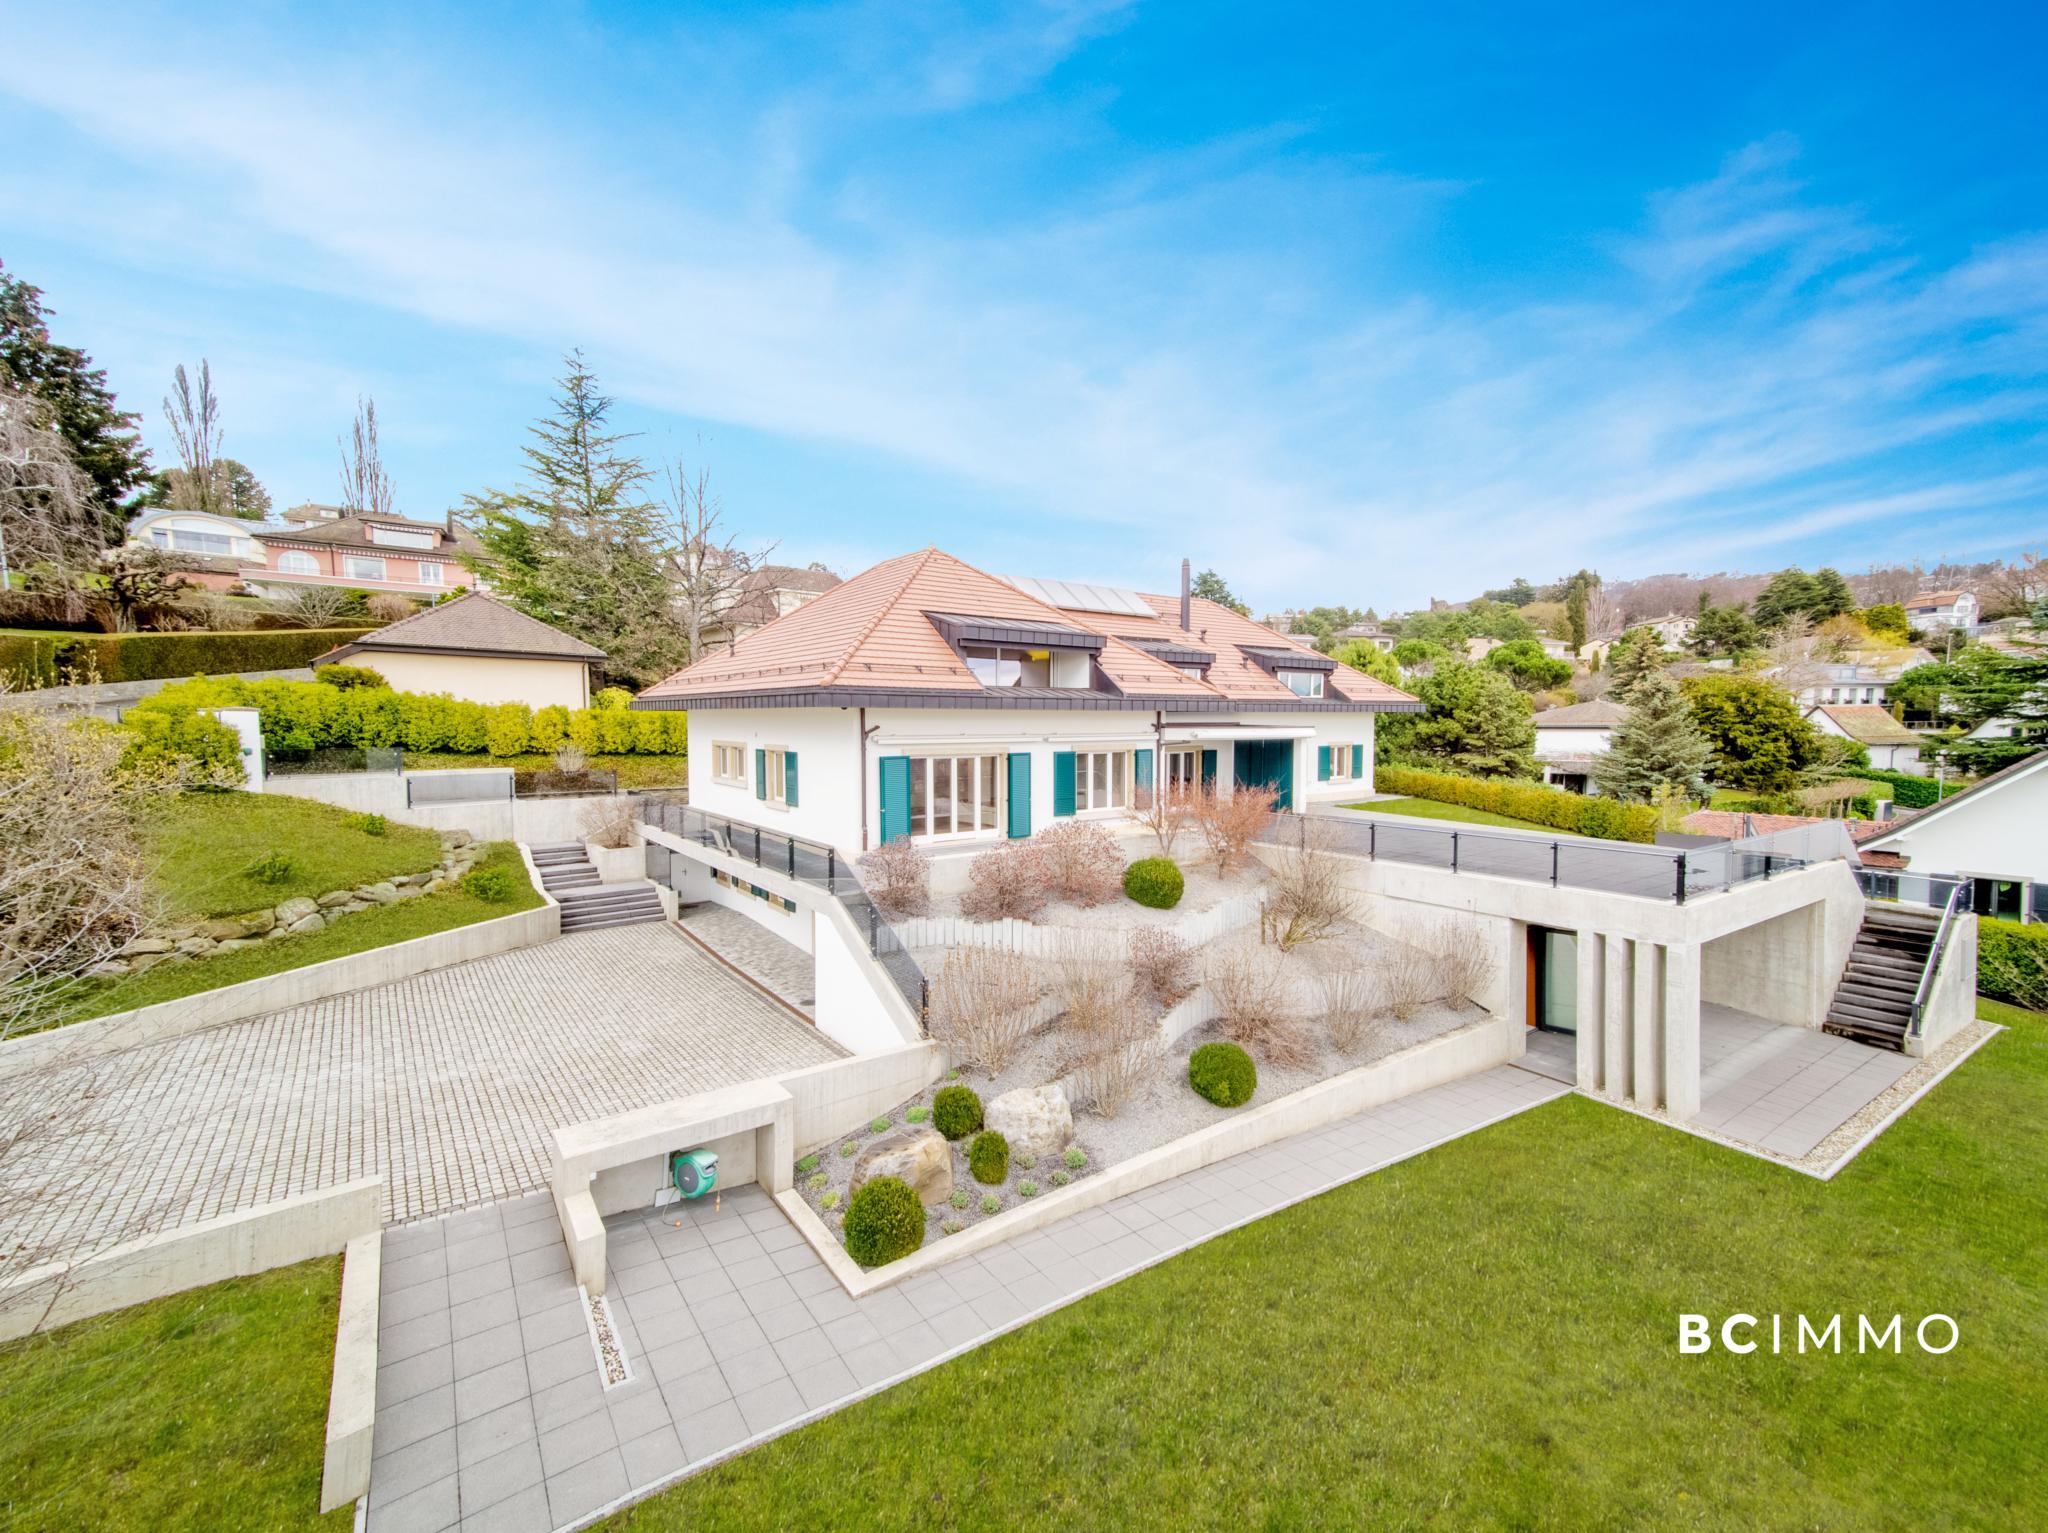 BC Immo - Prestigieuse Villa - 1009HBM10